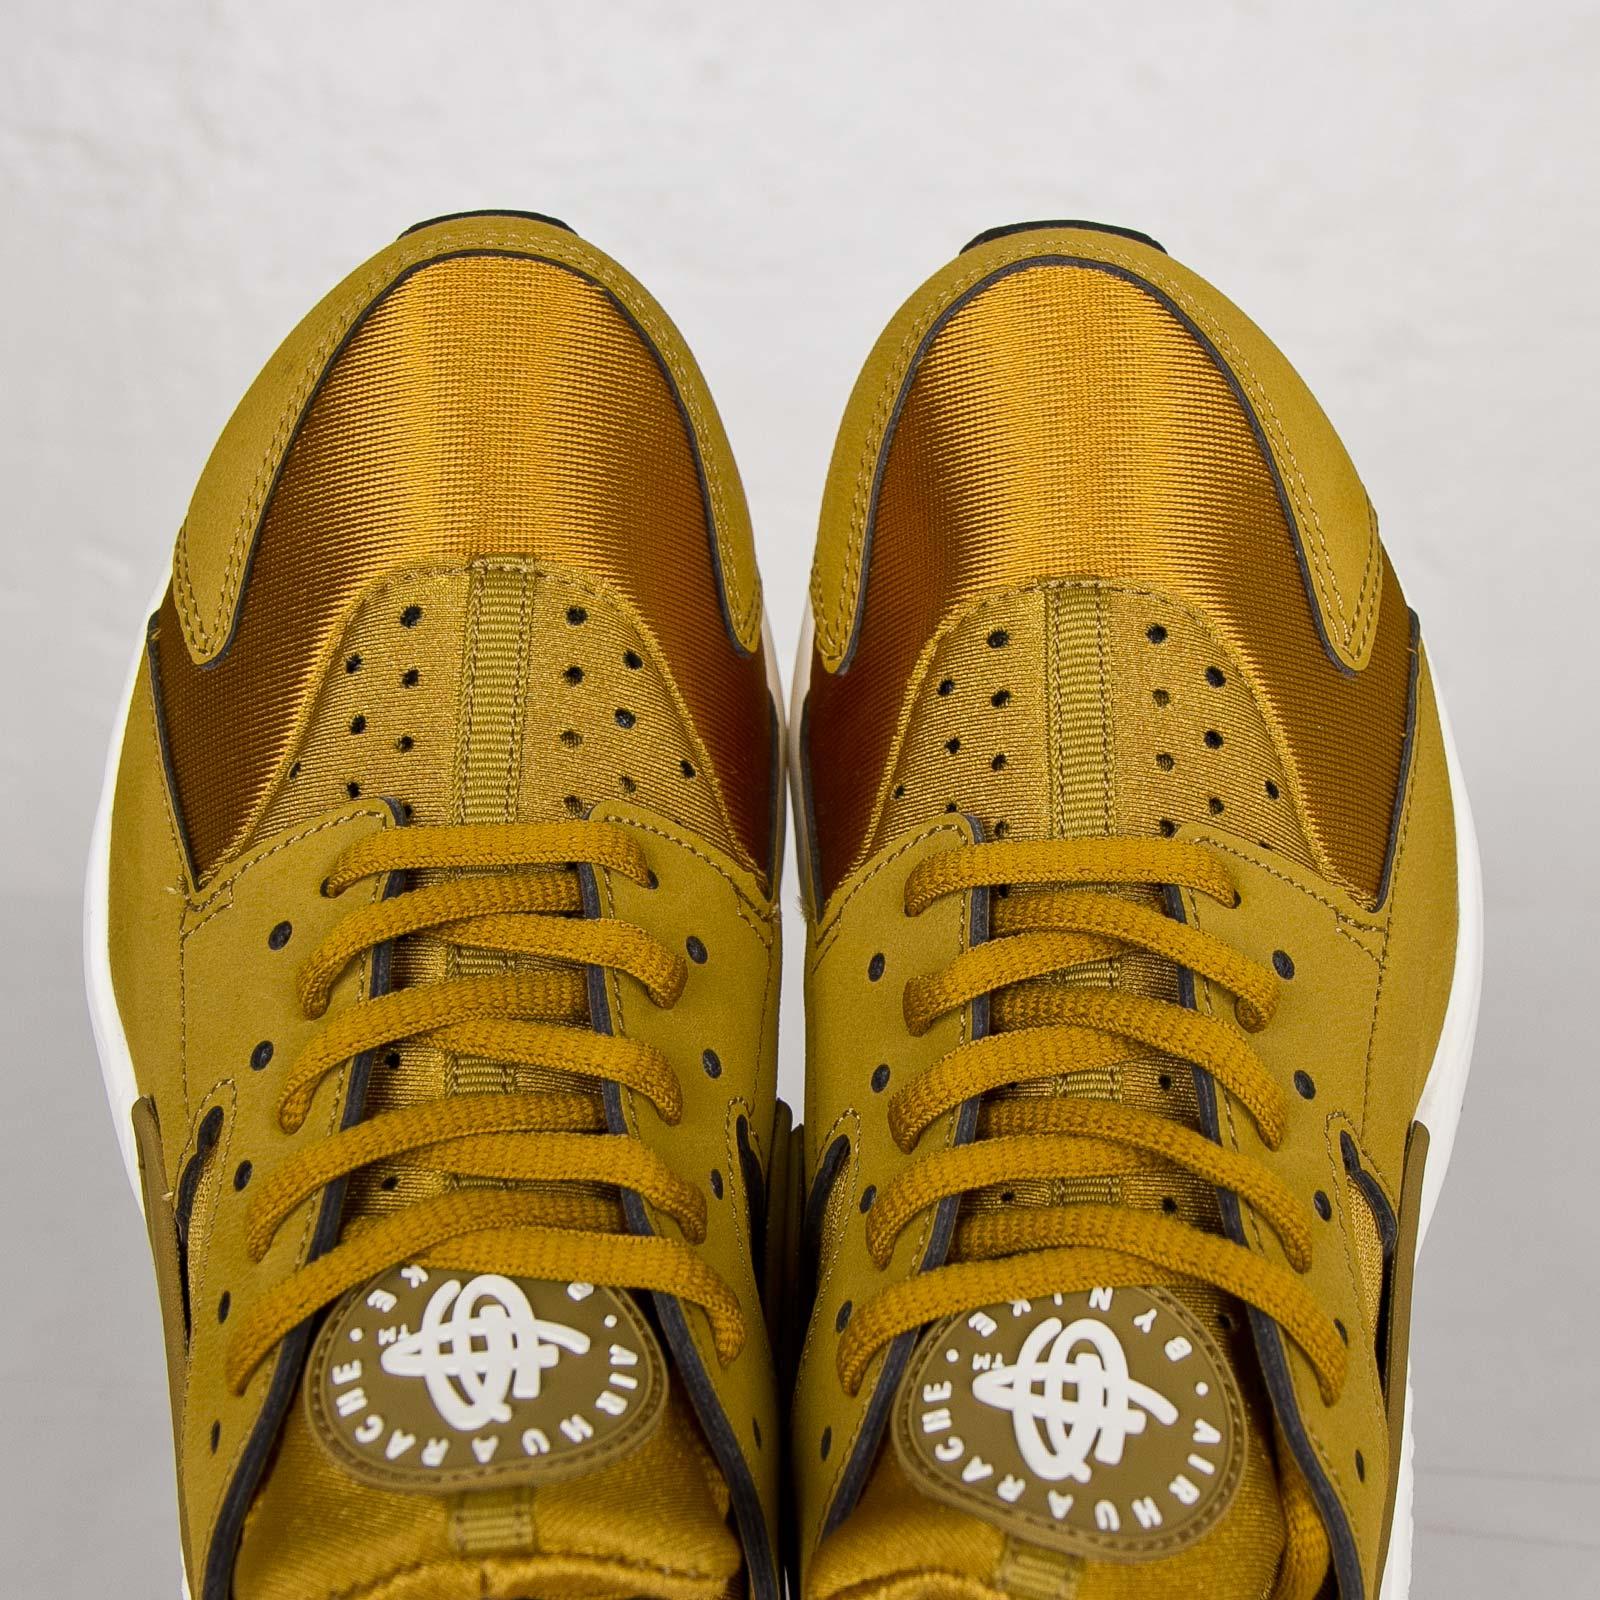 c70998a69426 Nike Wmns Air Huarache Run - 634835-700 - Sneakersnstuff